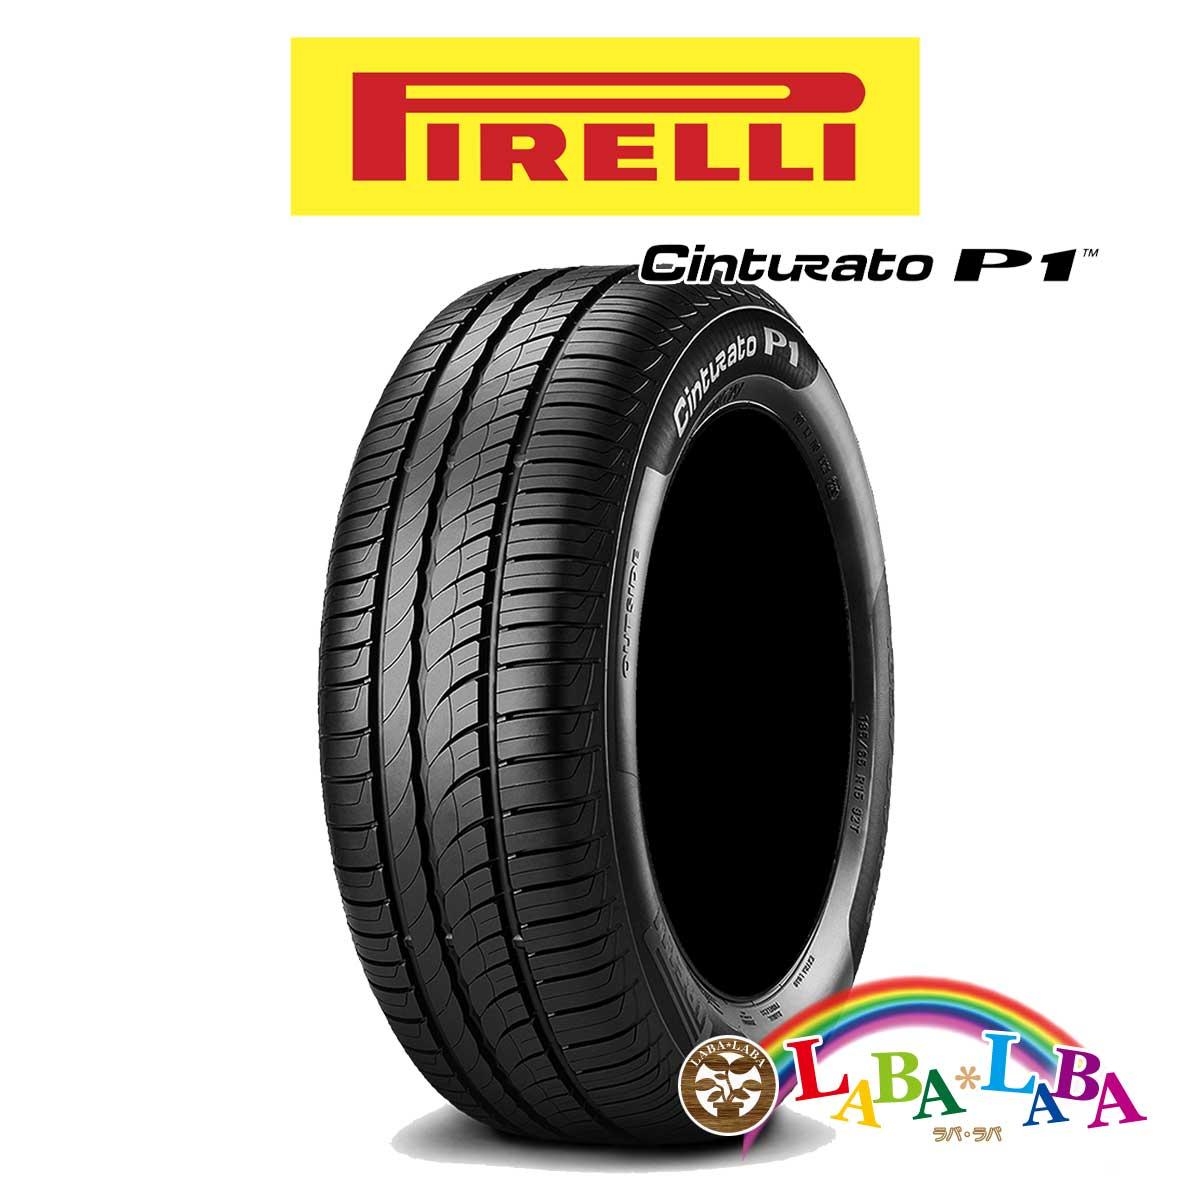 PIRELLI ピレリ Cinturato チントゥラート P1 225/50R17 98W サマータイヤ ミニバンも 2本セット